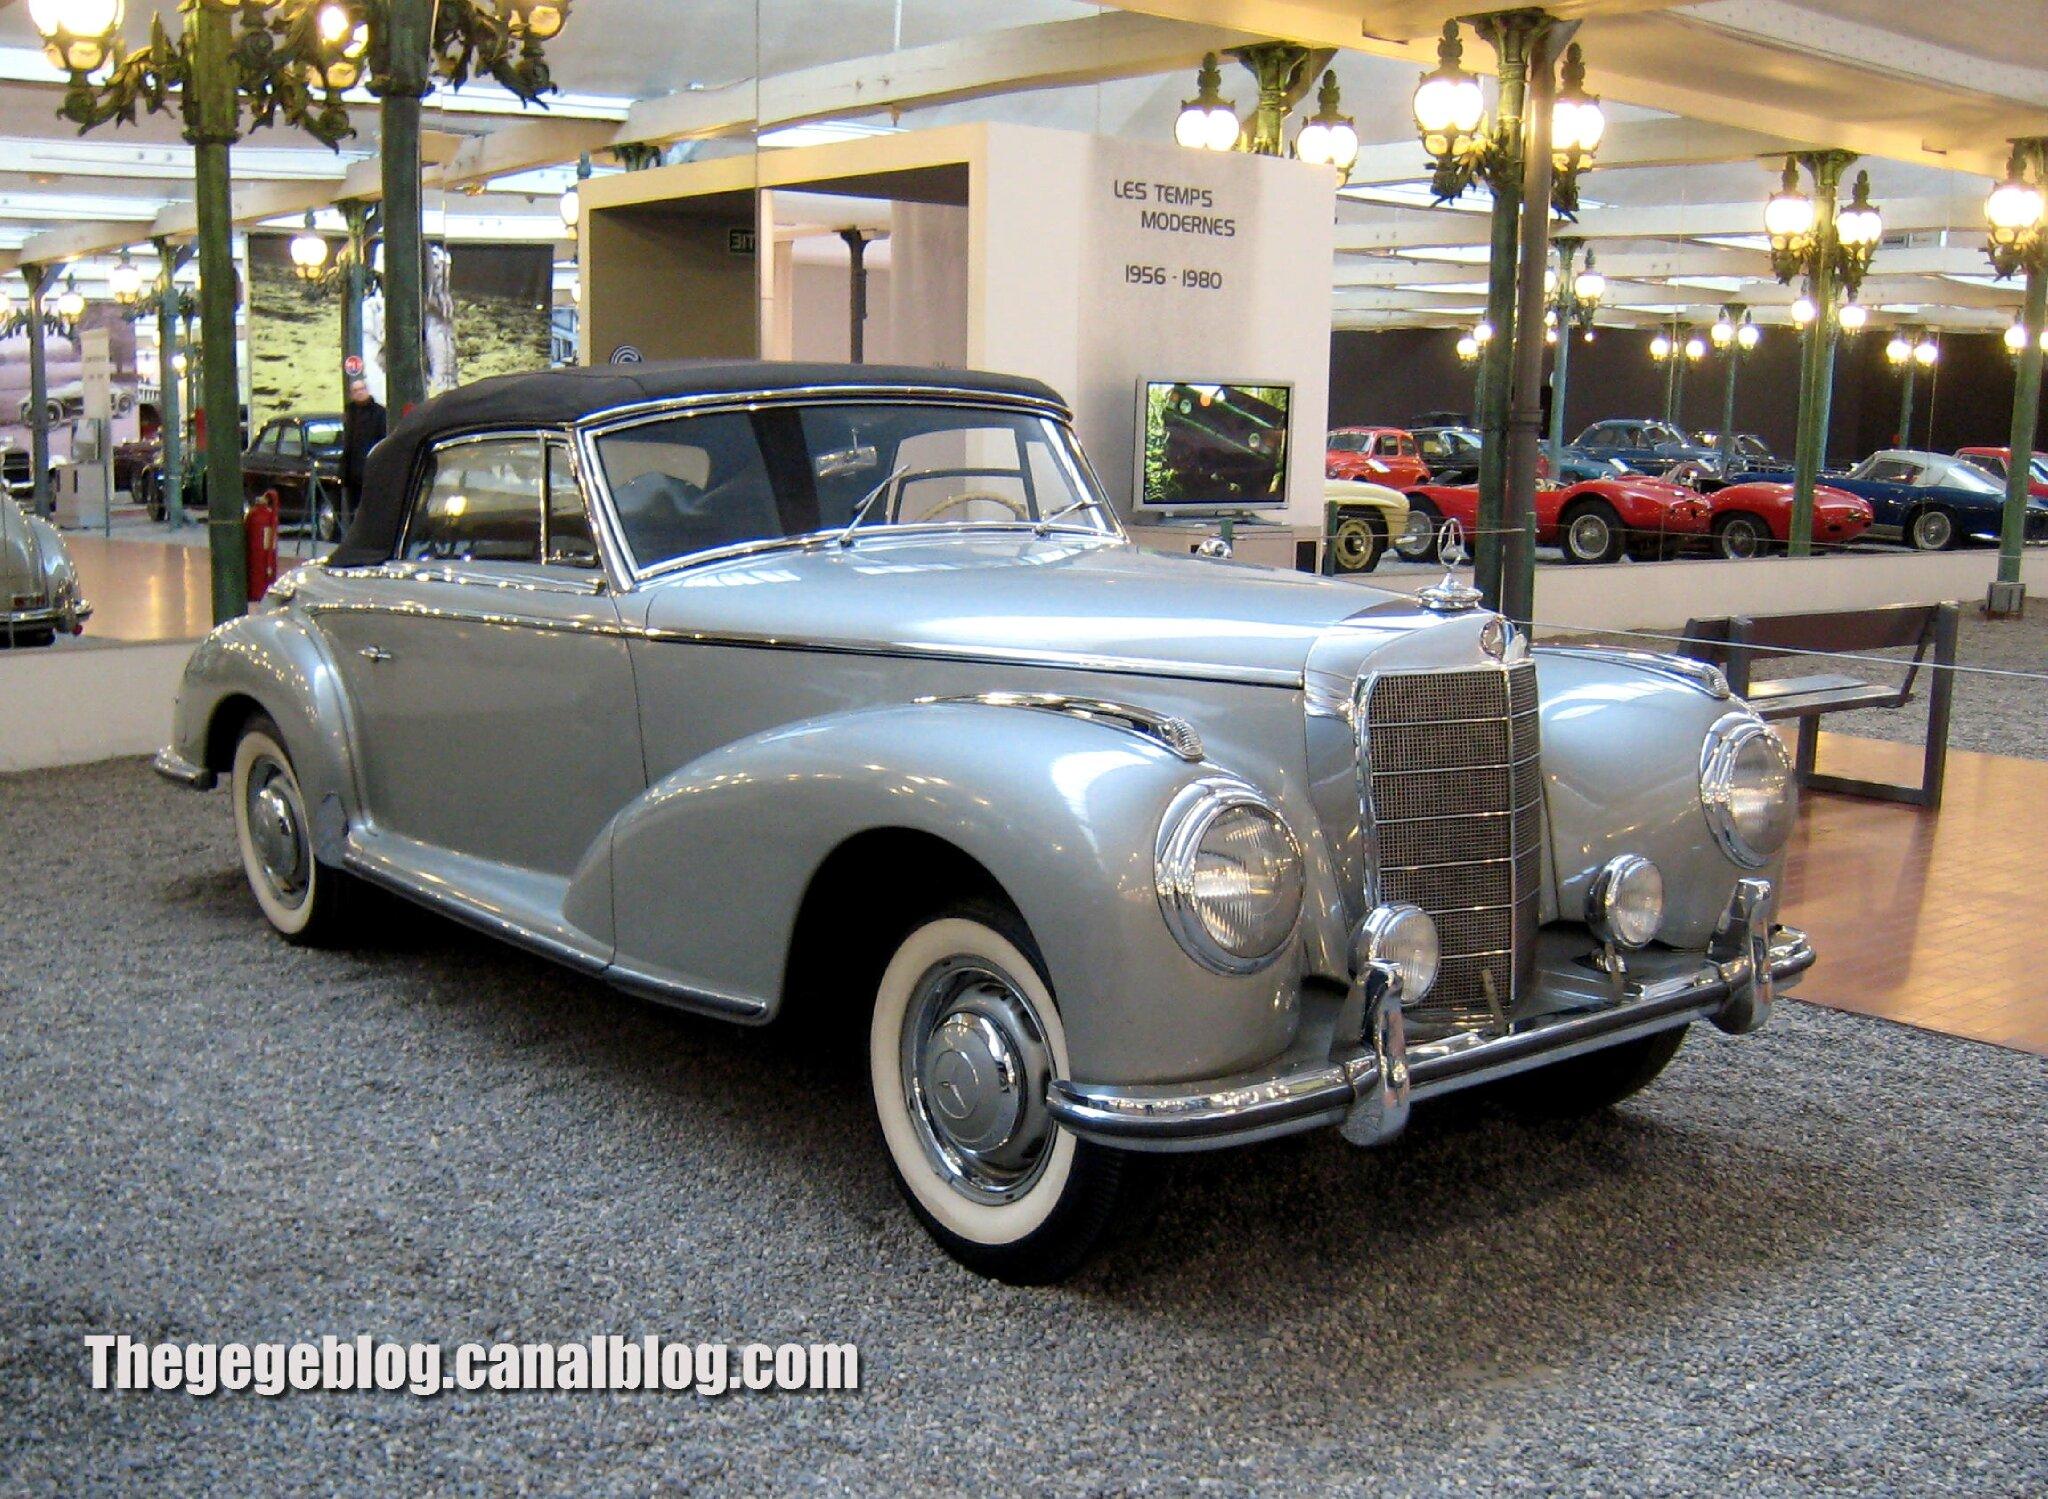 Mercedes 300 S cabriolet de 1955 (Cité de l'Automobile Collection Schlumpf à Mulhouse) 01